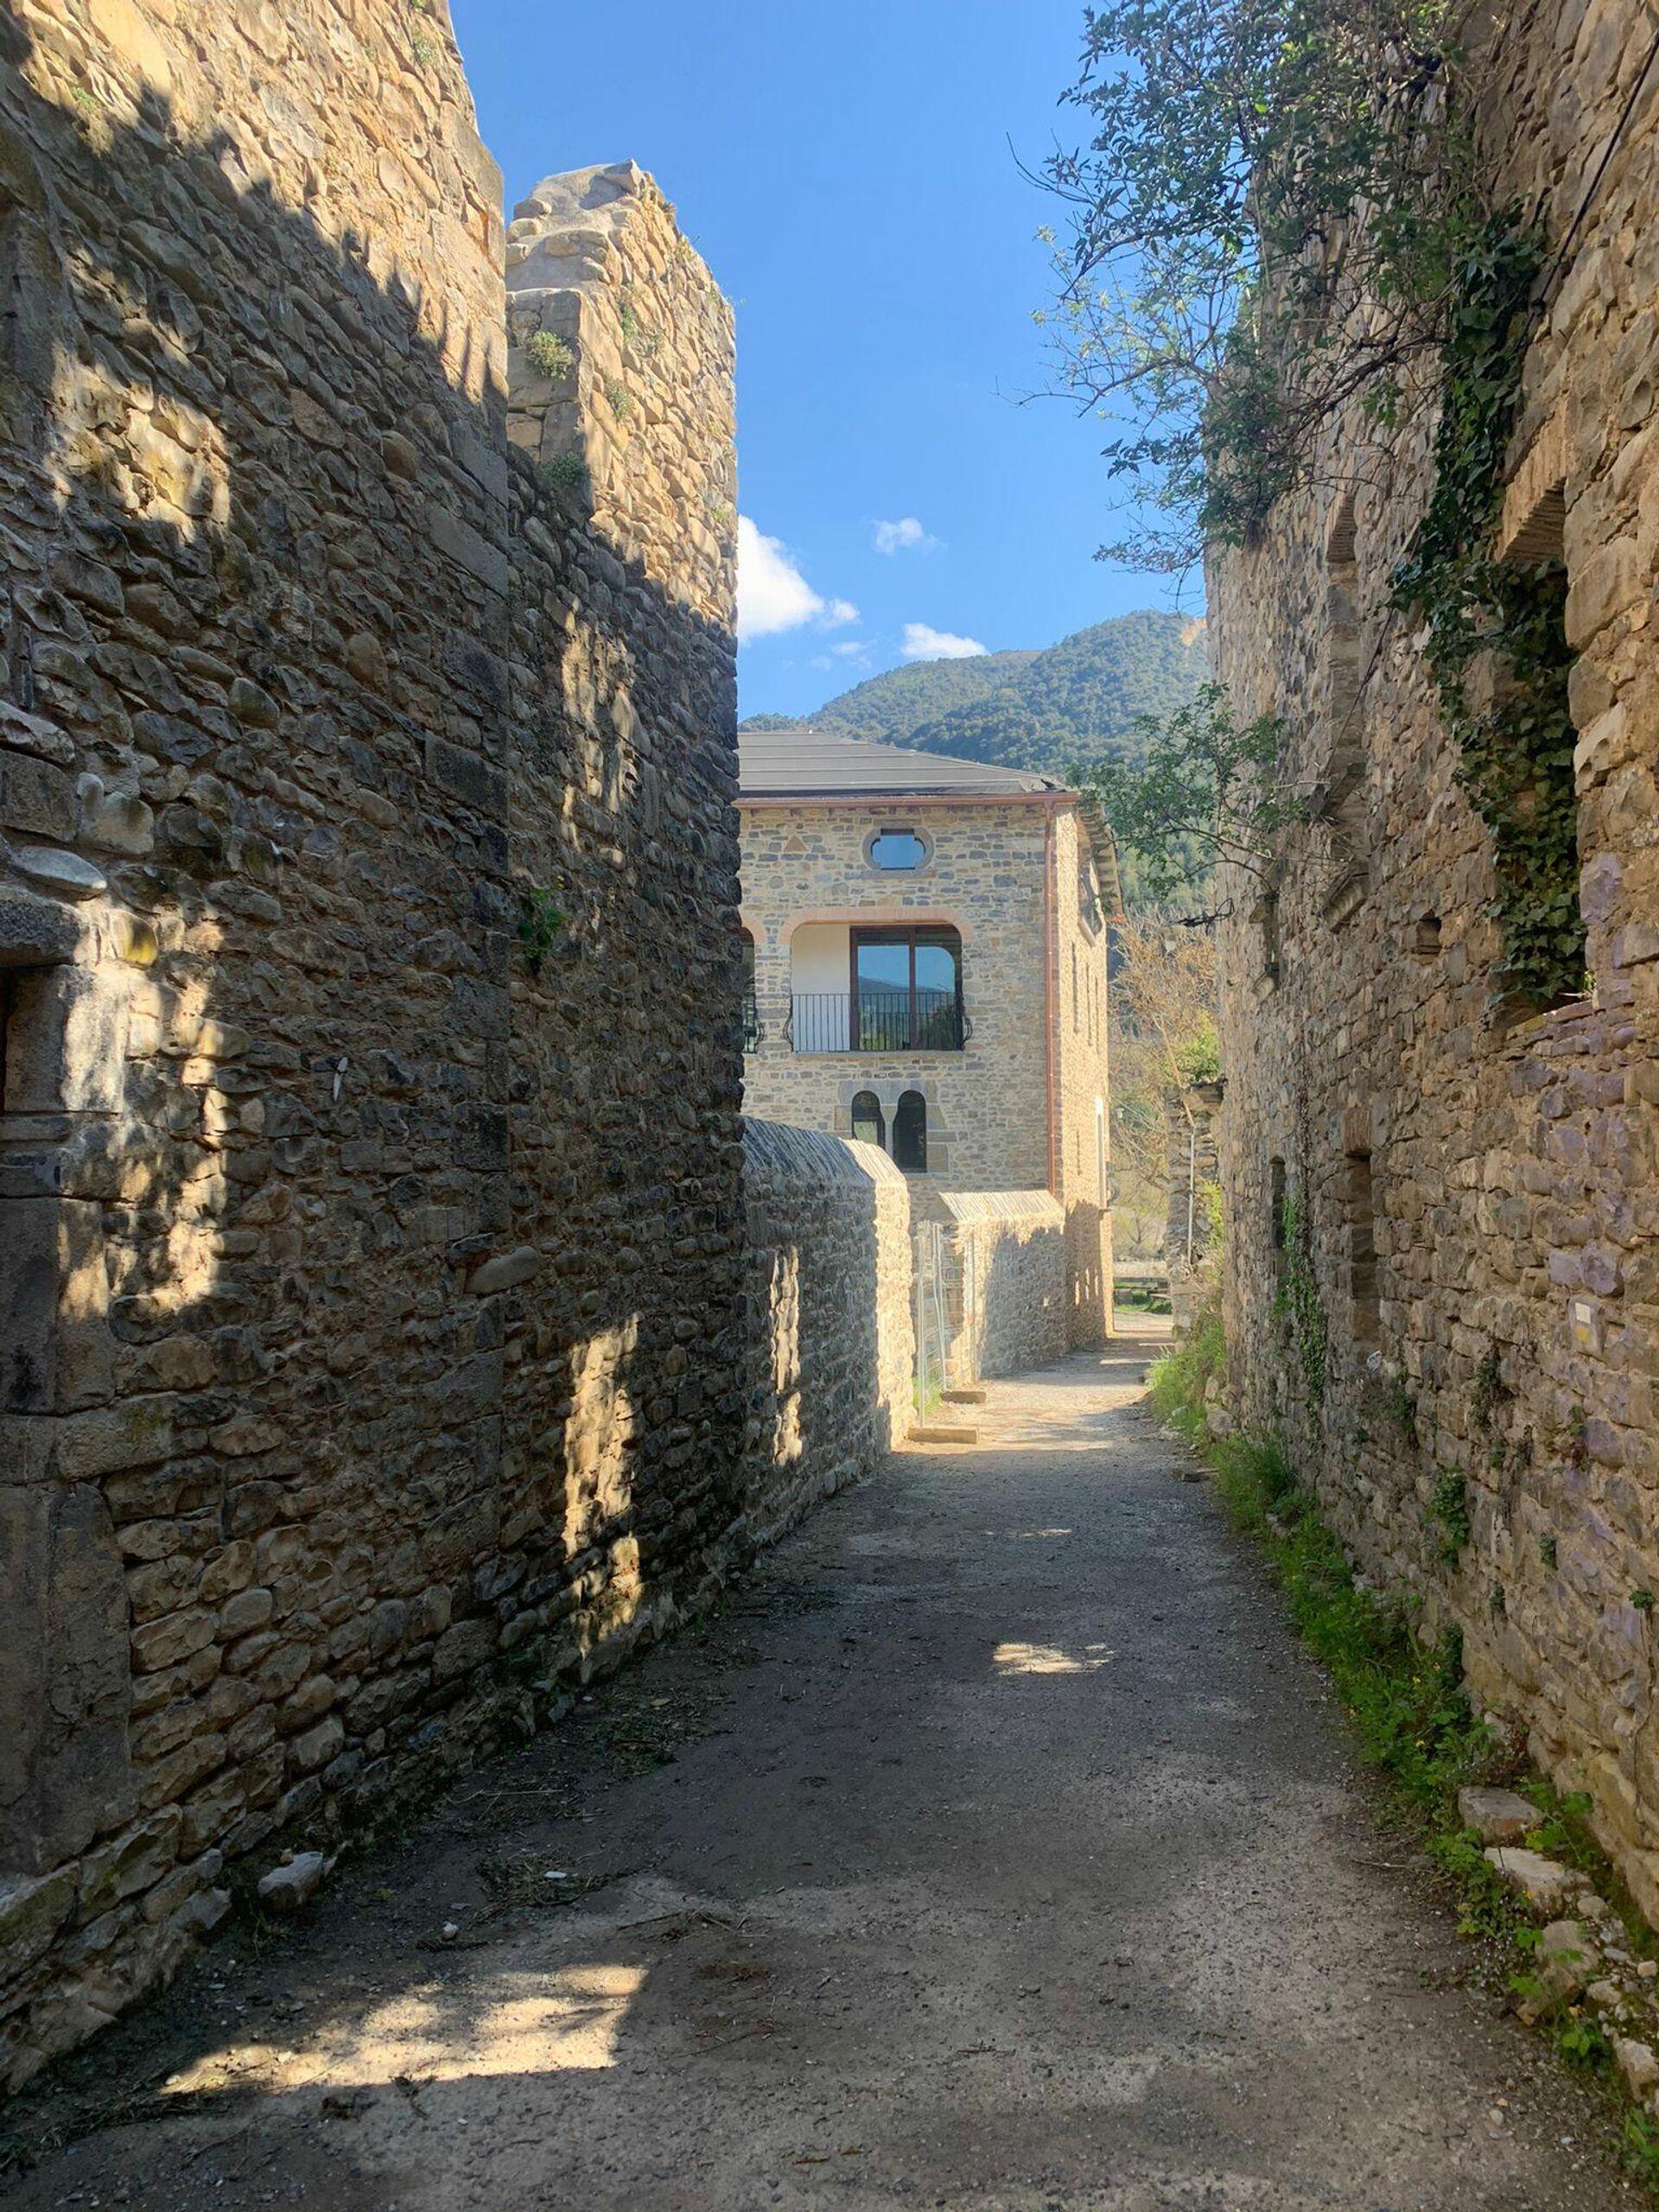 Calle de Jánovas (Huesca) - Sputnik Mundo, 1920, 23.04.2021